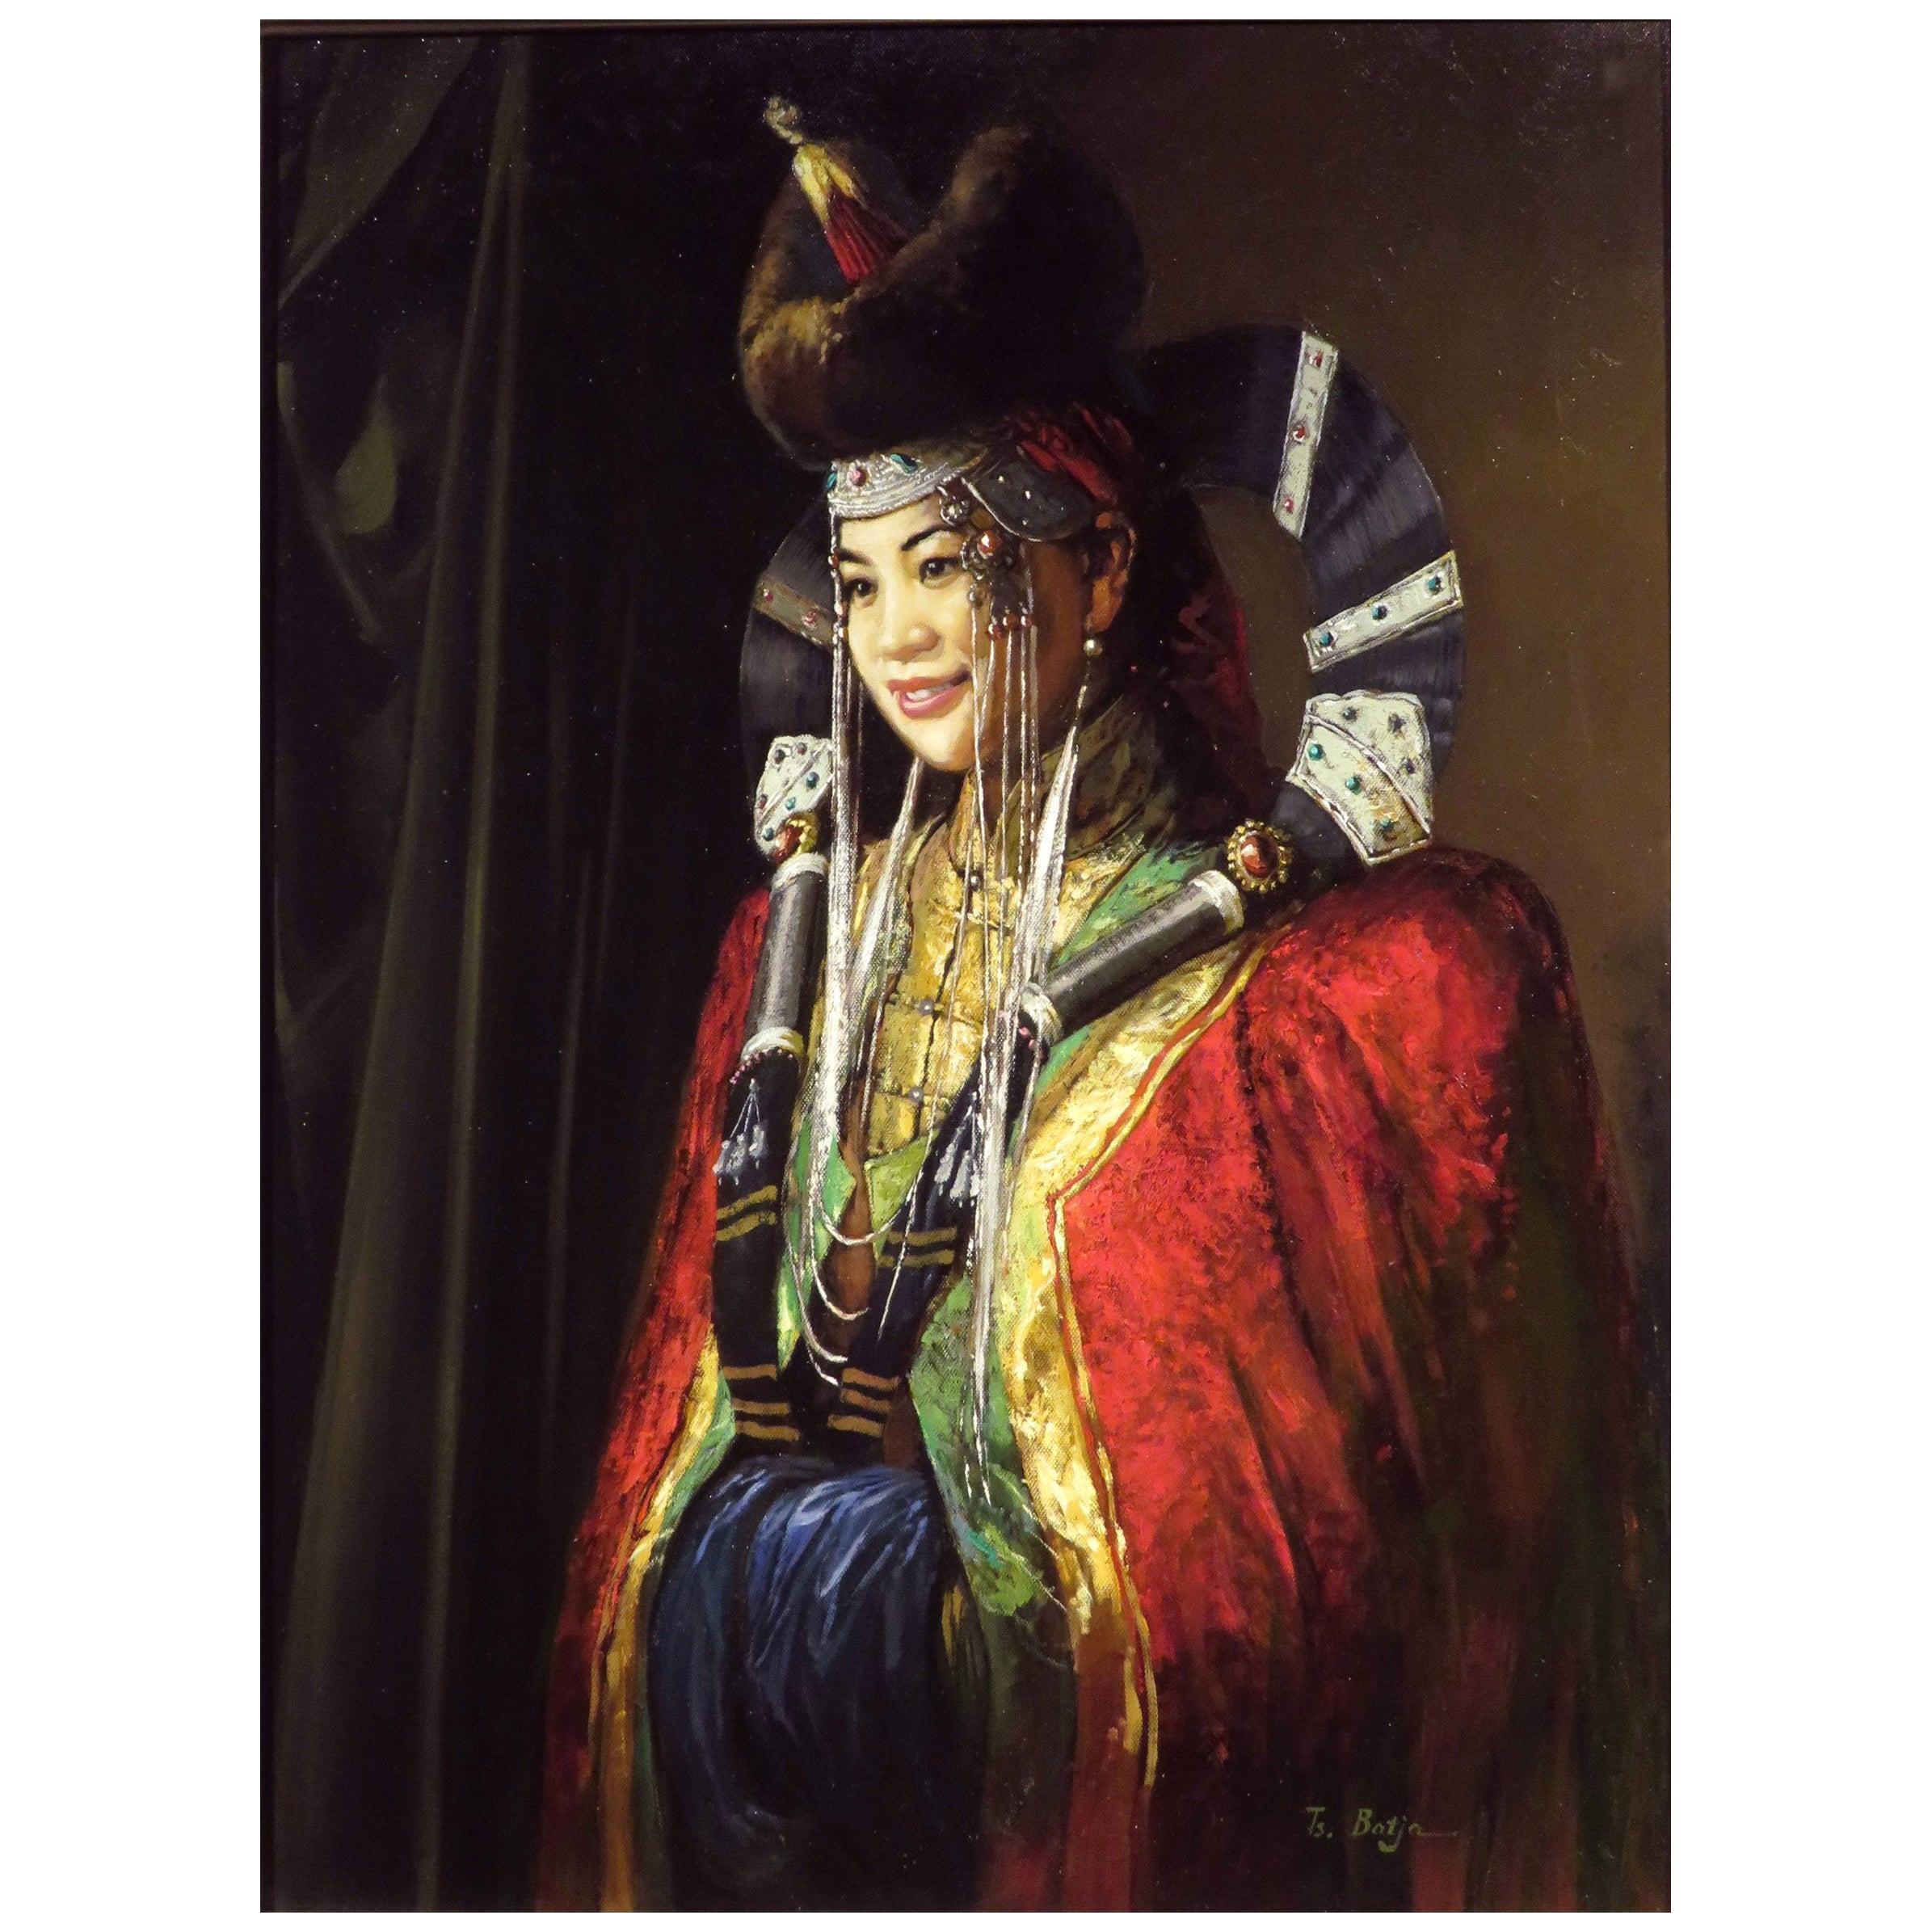 https://a.1stdibscdn.com/portrait-of-a-mongolian-bride-by-batjargal-tseyentsogzol-mongolian-b-1966--for-sale/1121189/f_116053411623212268602/11605341_master.jpg